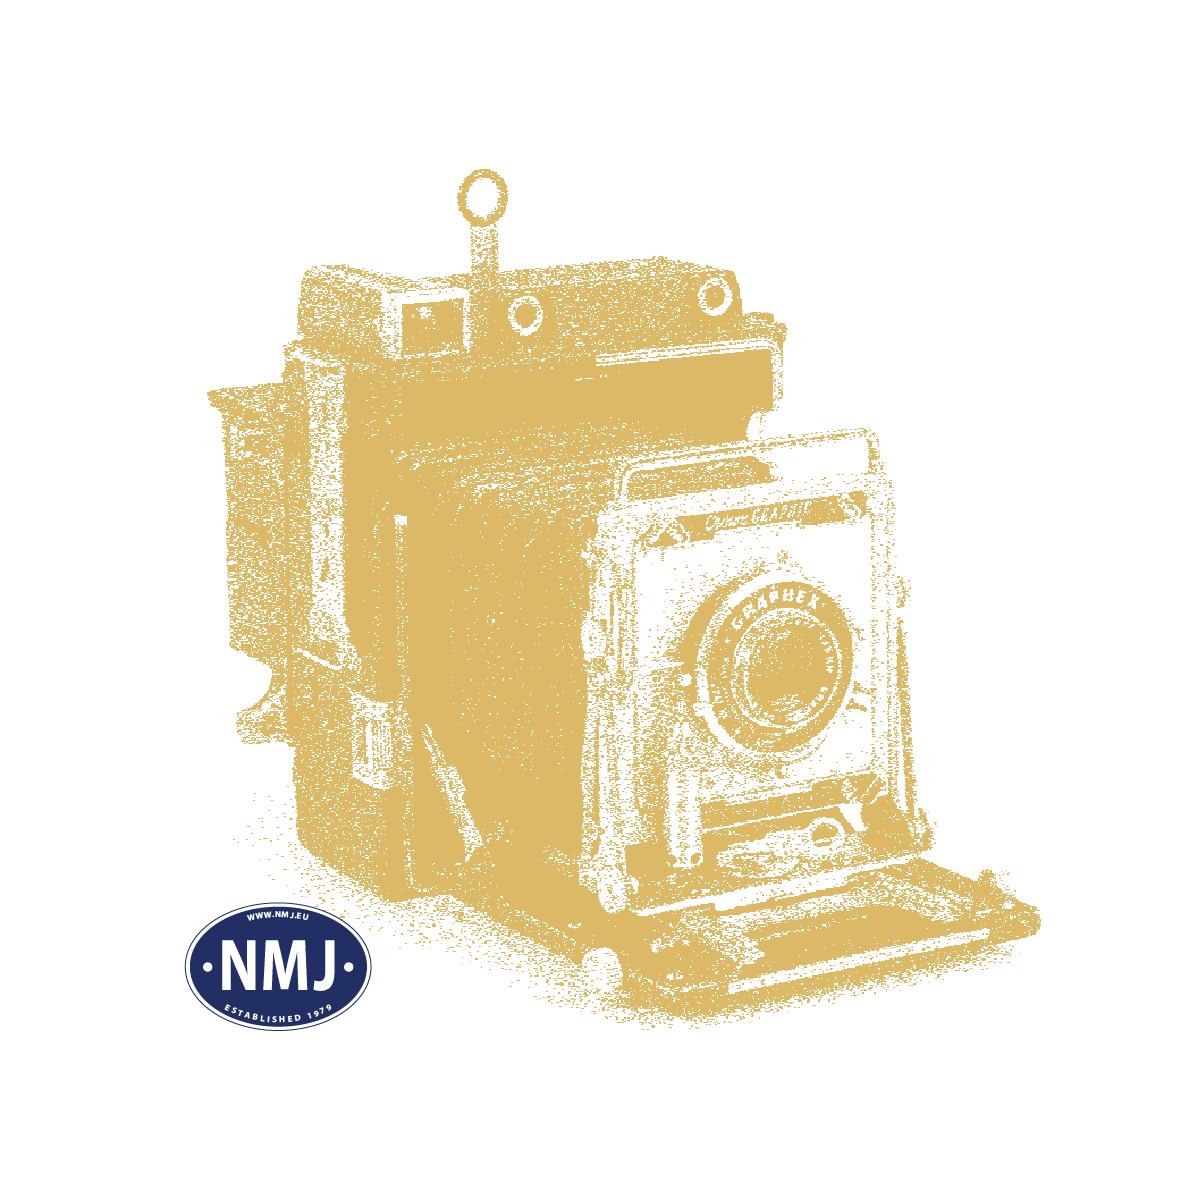 NMJT113.302 - NMJ Topline NSB CB1 21219, Salongvogn i Nydesign